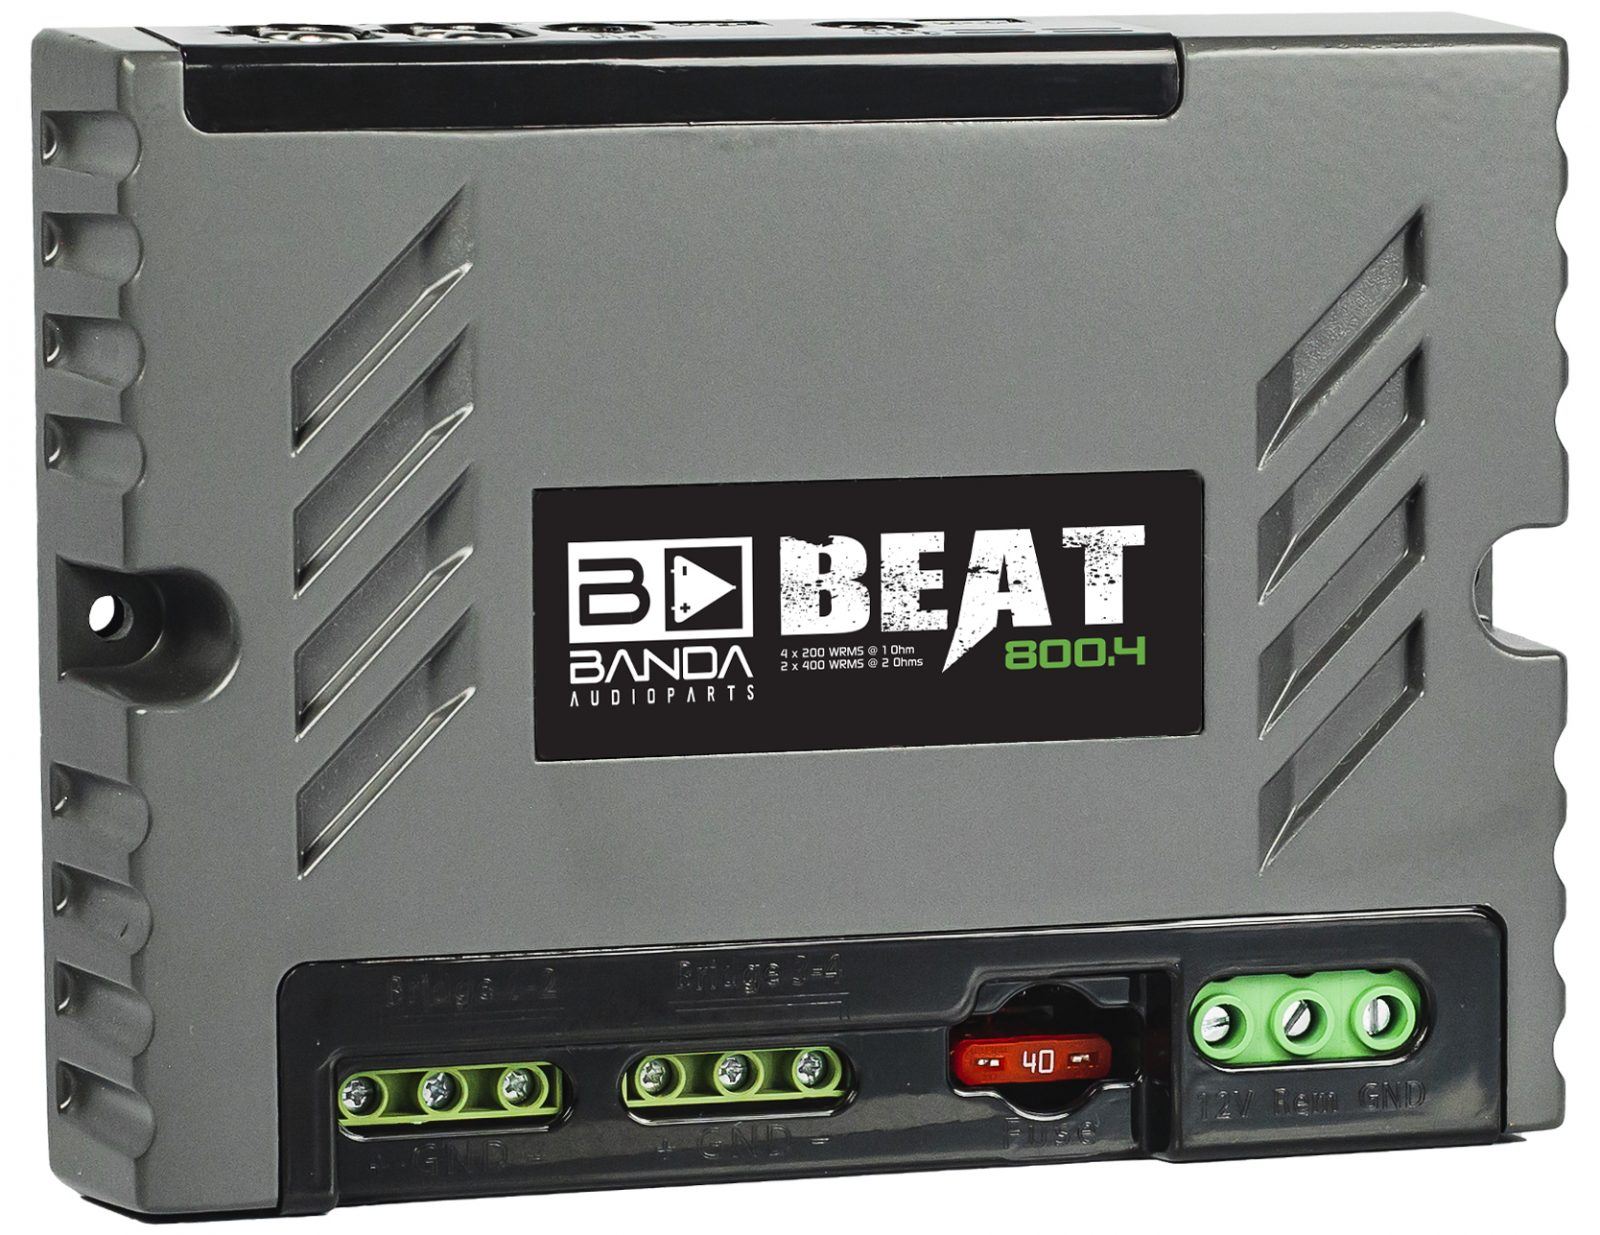 beat-800.4-diagonal-19-1600x1235 BEAT